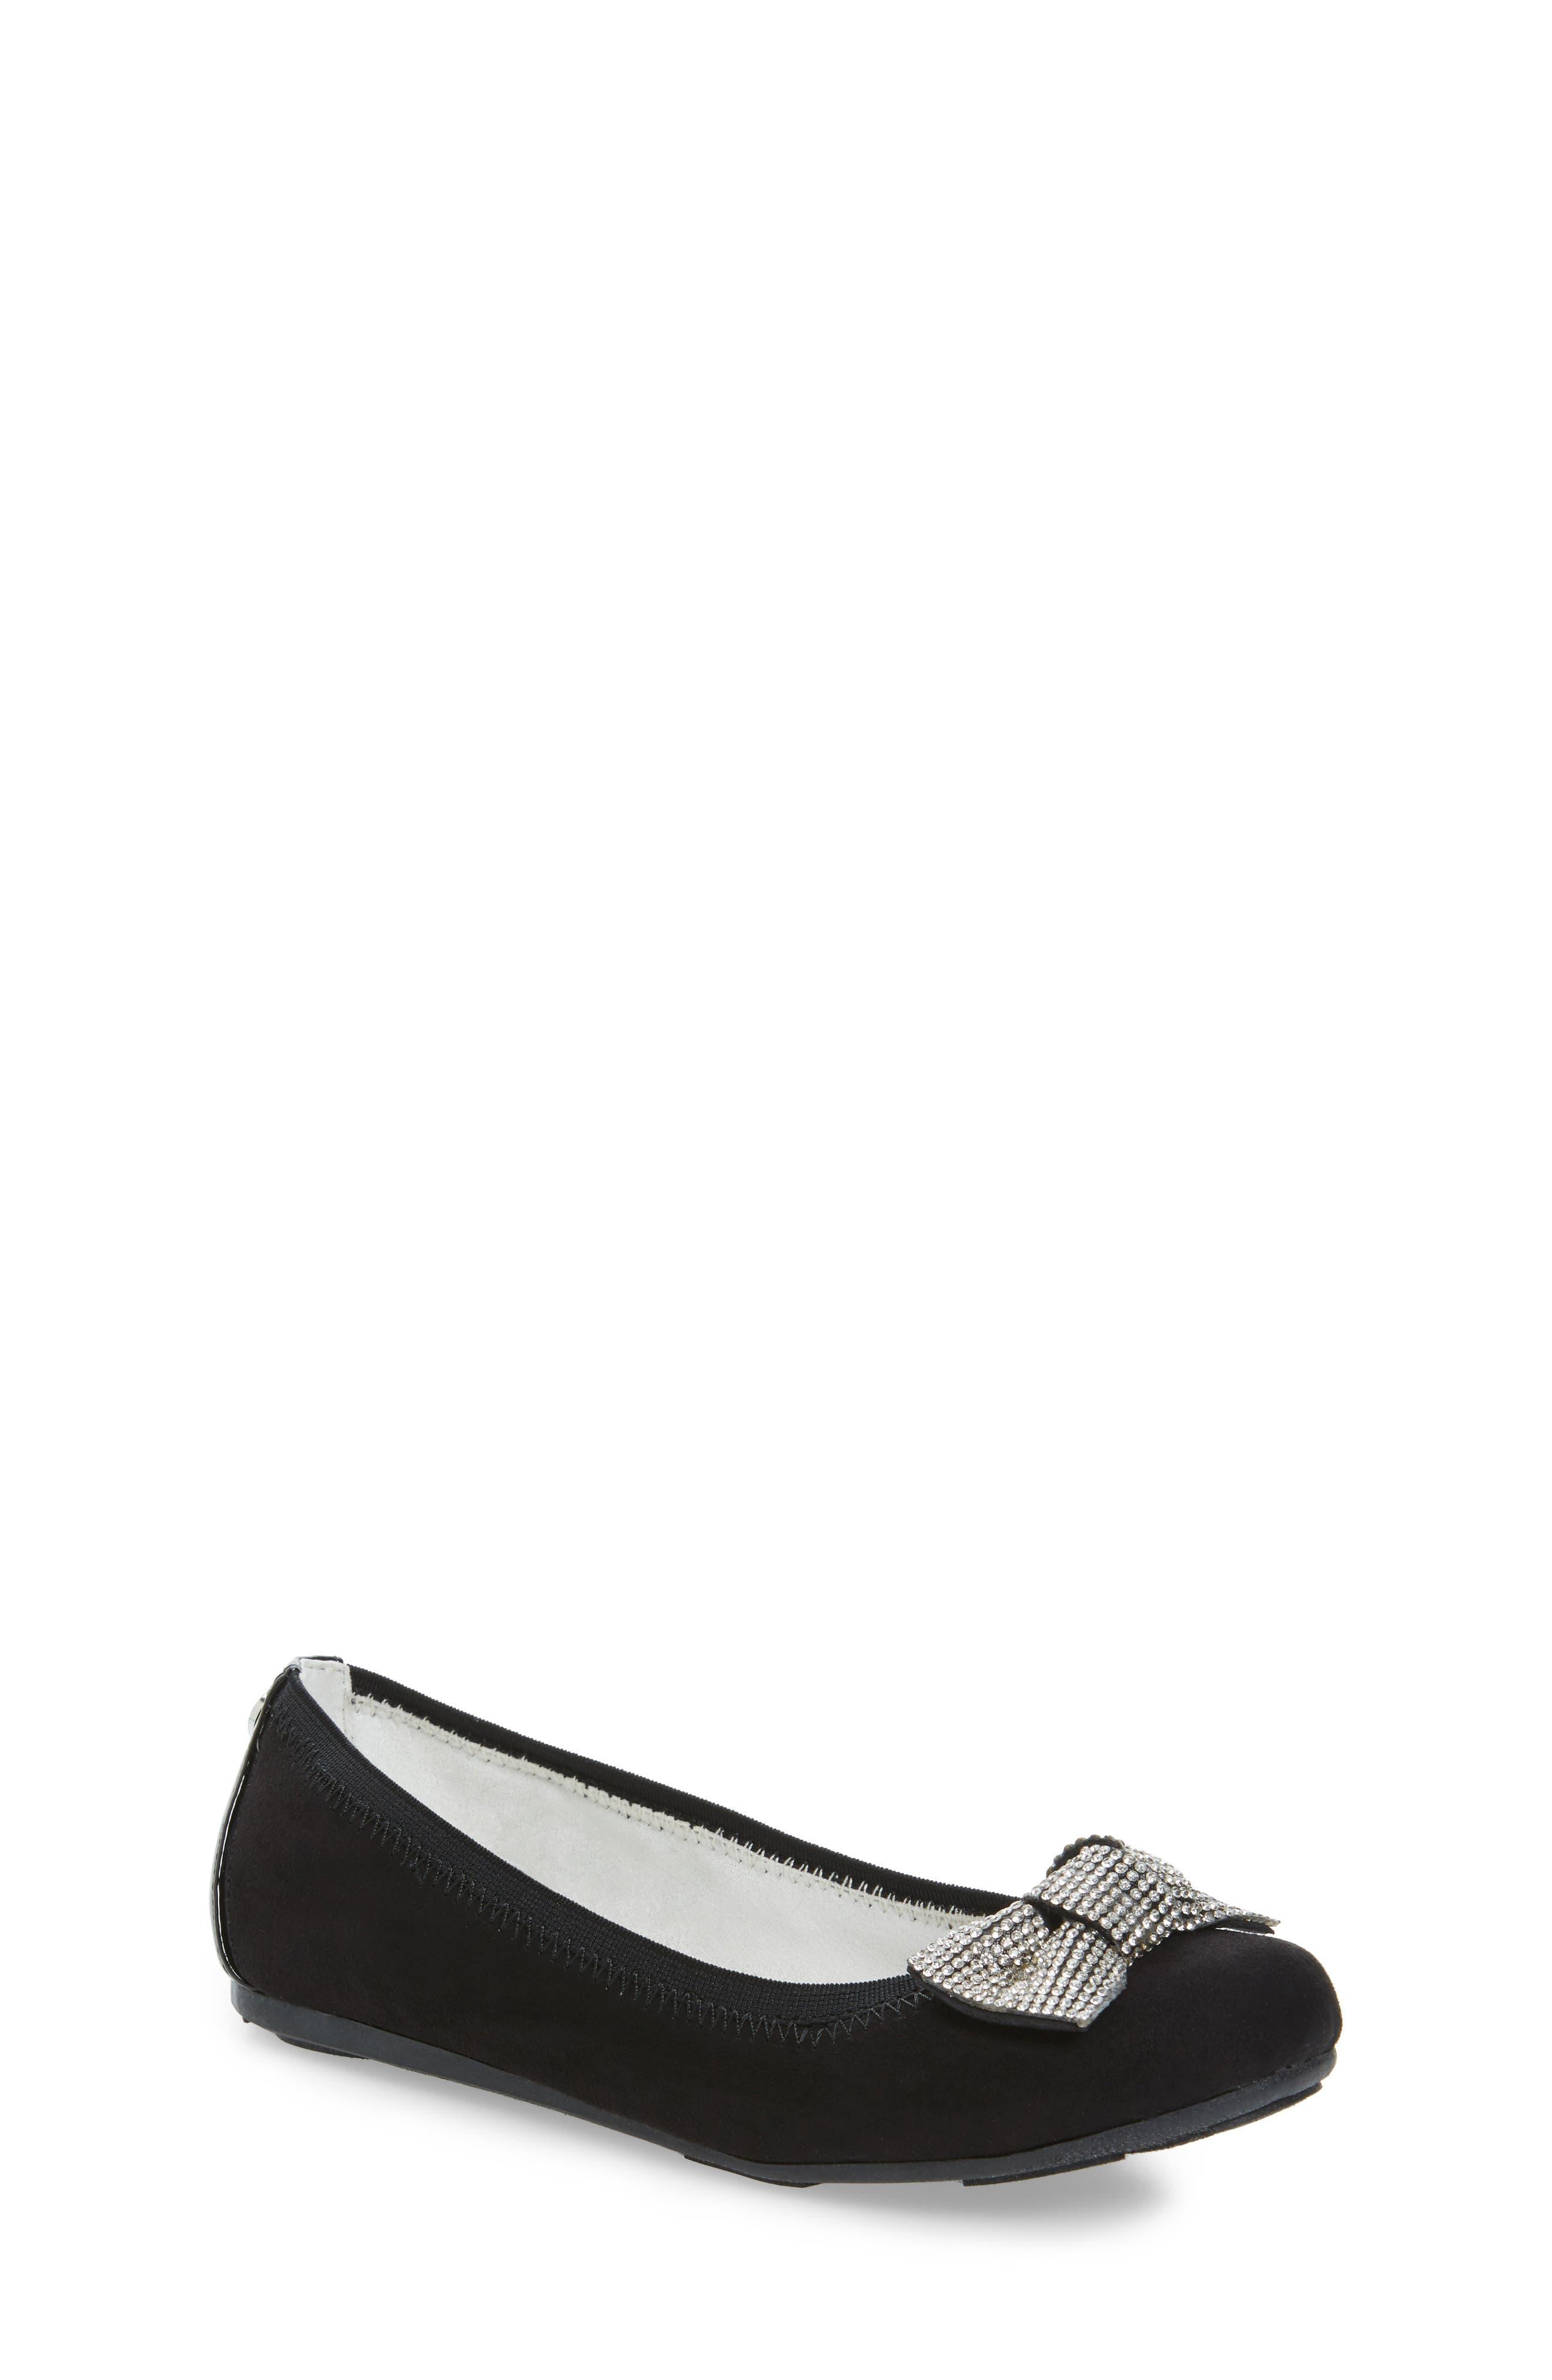 Fannie Glitz Ballet Flat,                         Main,                         color, Black Faux Leather